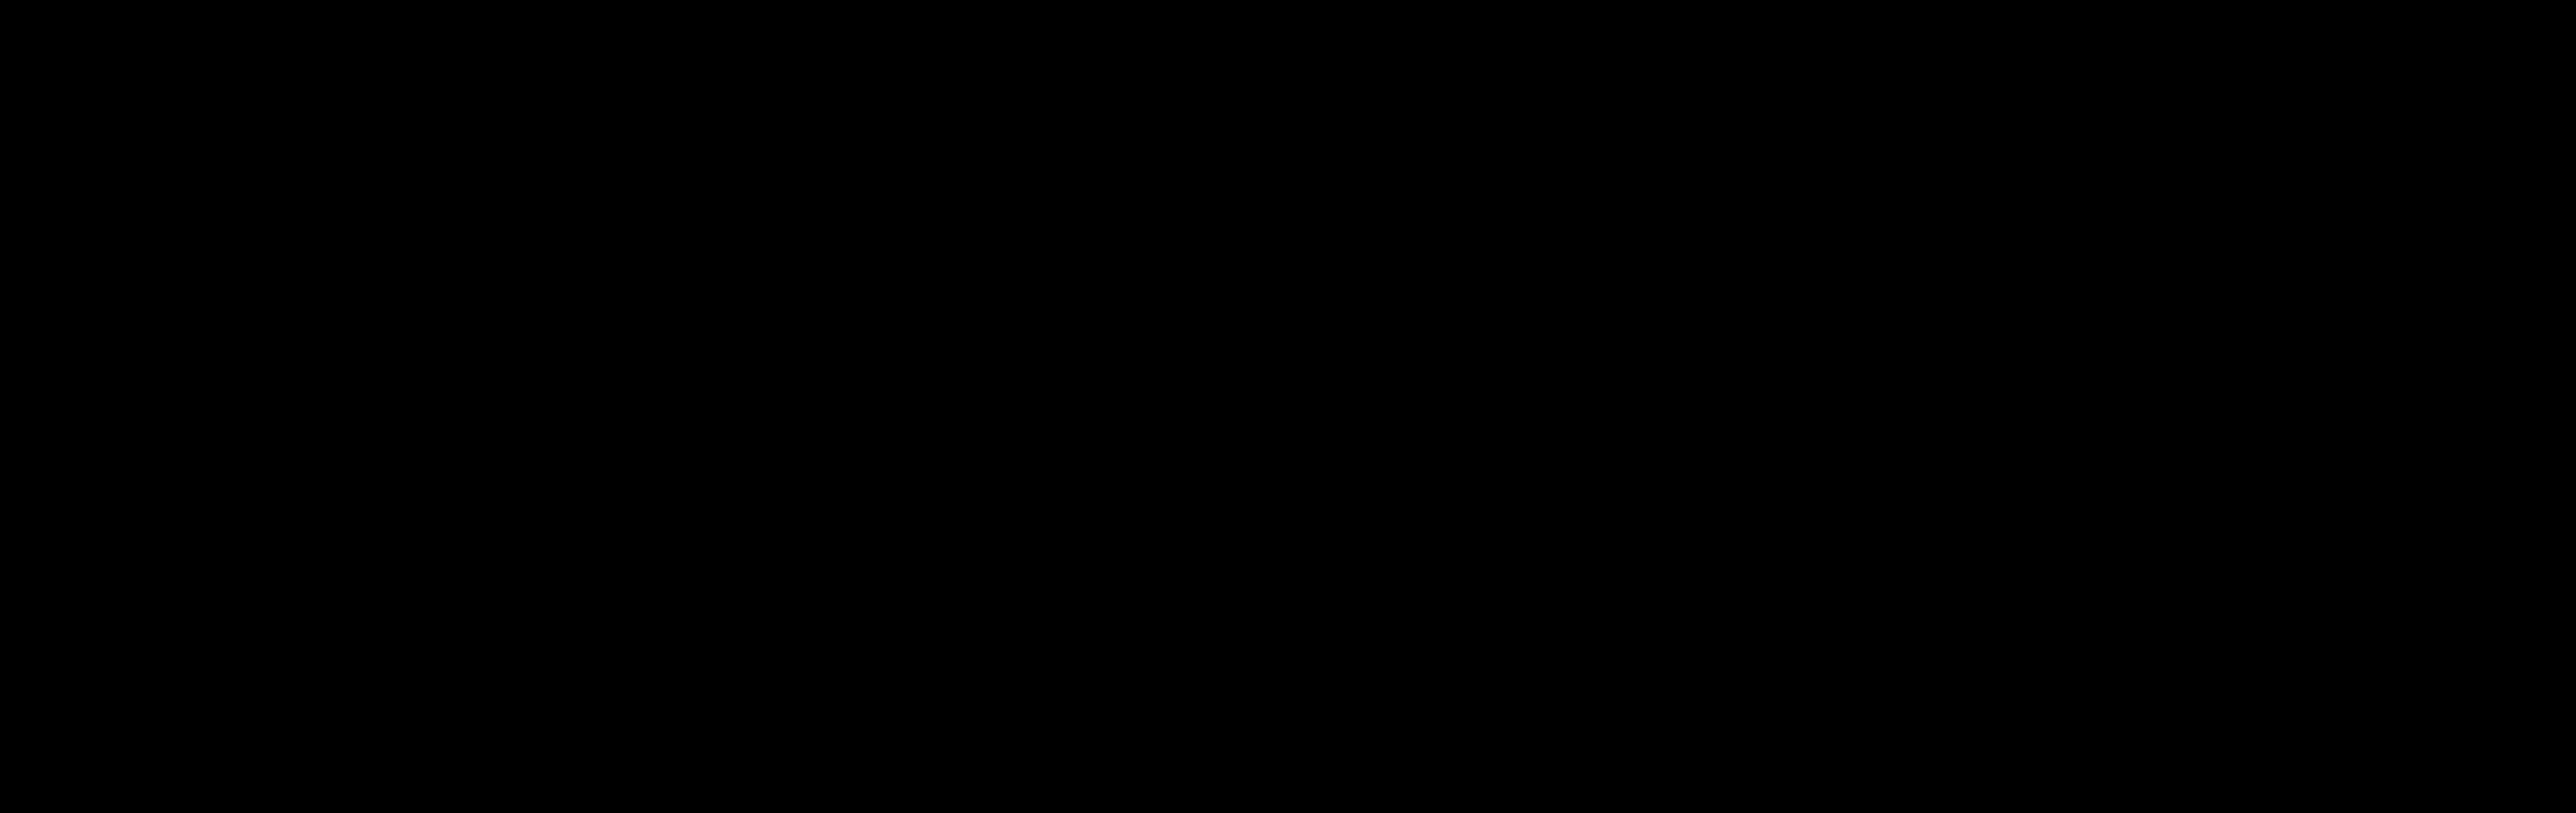 US-Turf-rgb-1000ppi-1